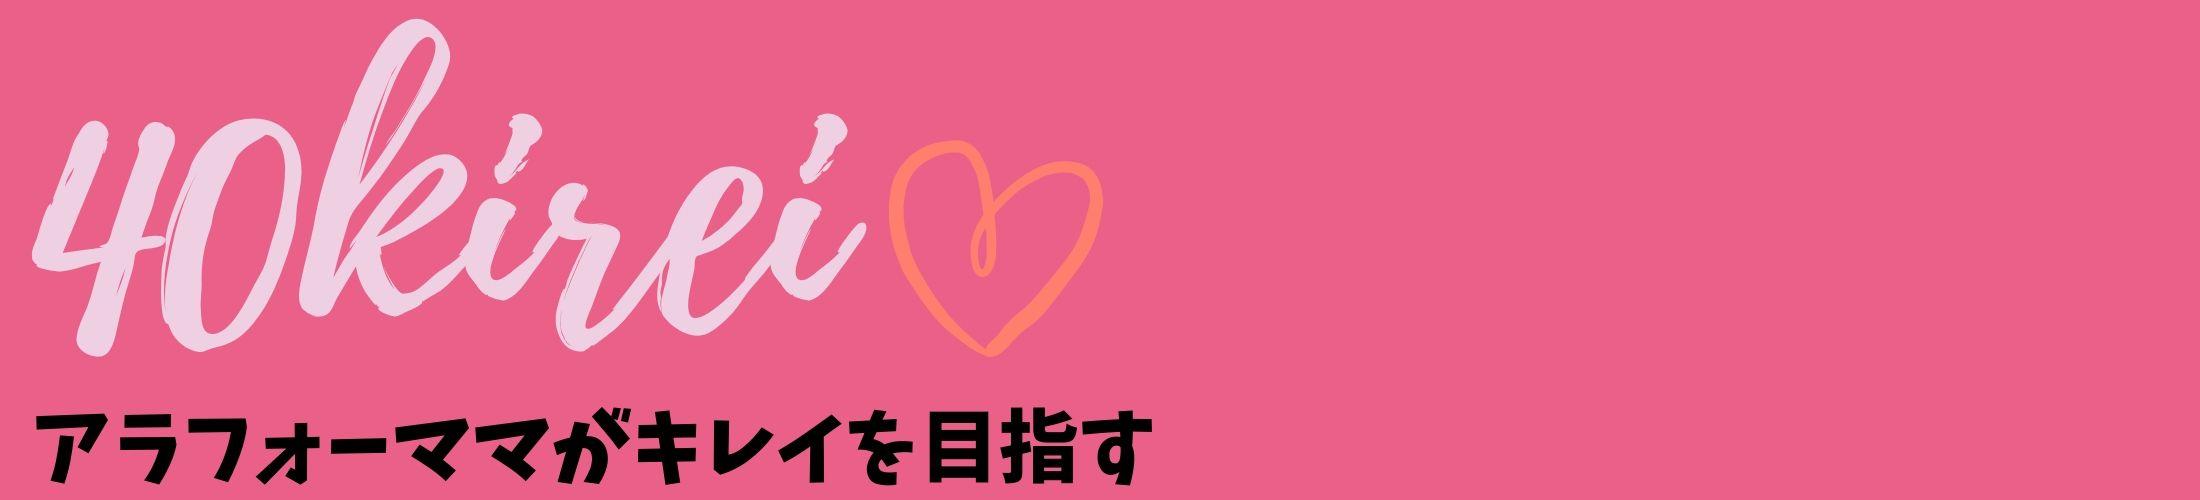 40kirei~アラフォーママの美容 スキンケア&メイク使って良かったものランキング~